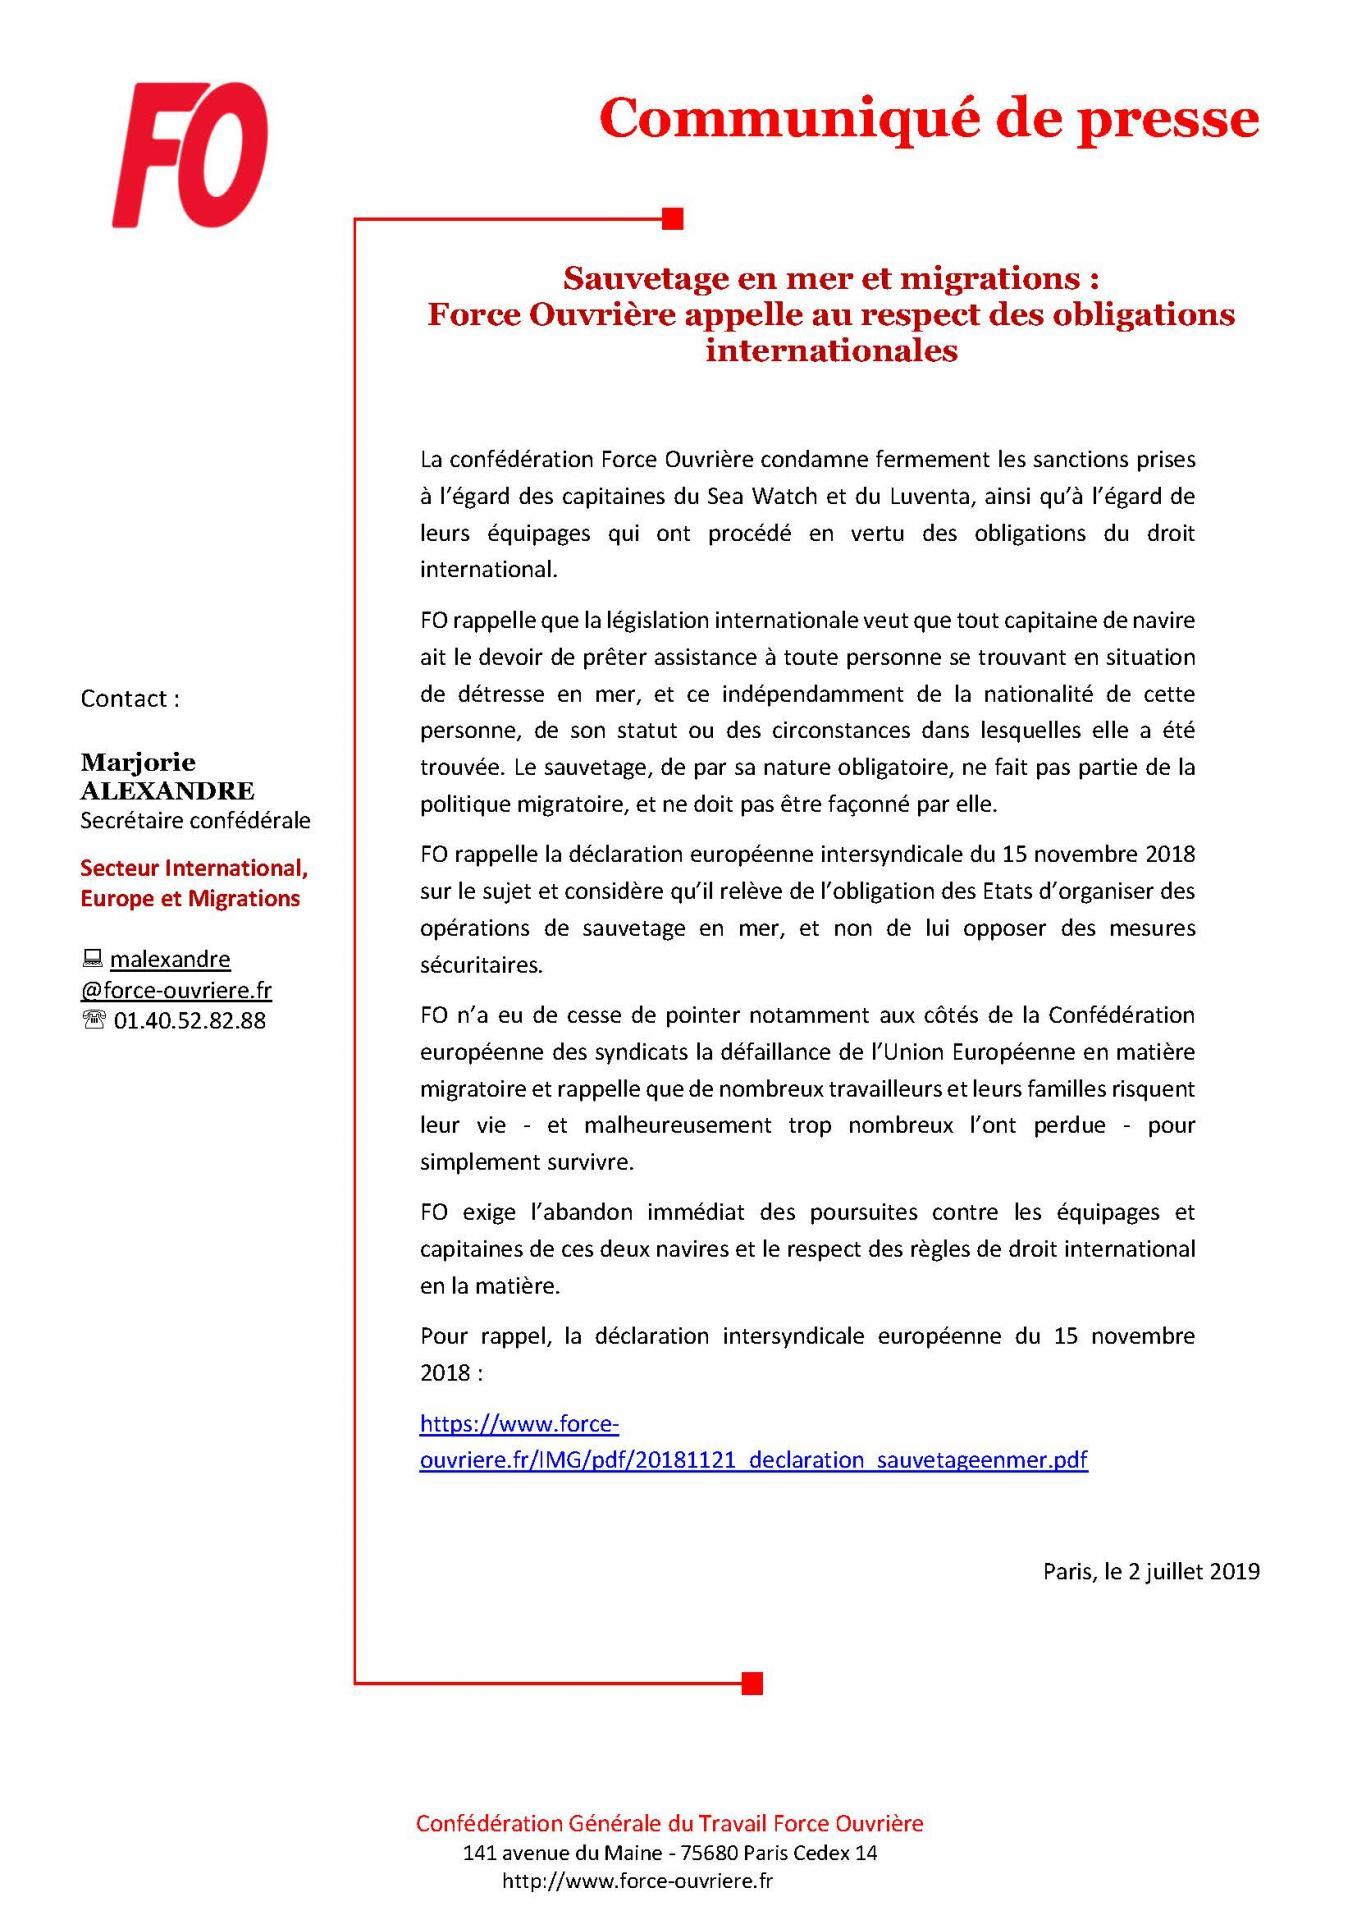 Cp fo sauvetage en mer et migrations force ouvriere appelle au respect des obligations internationales